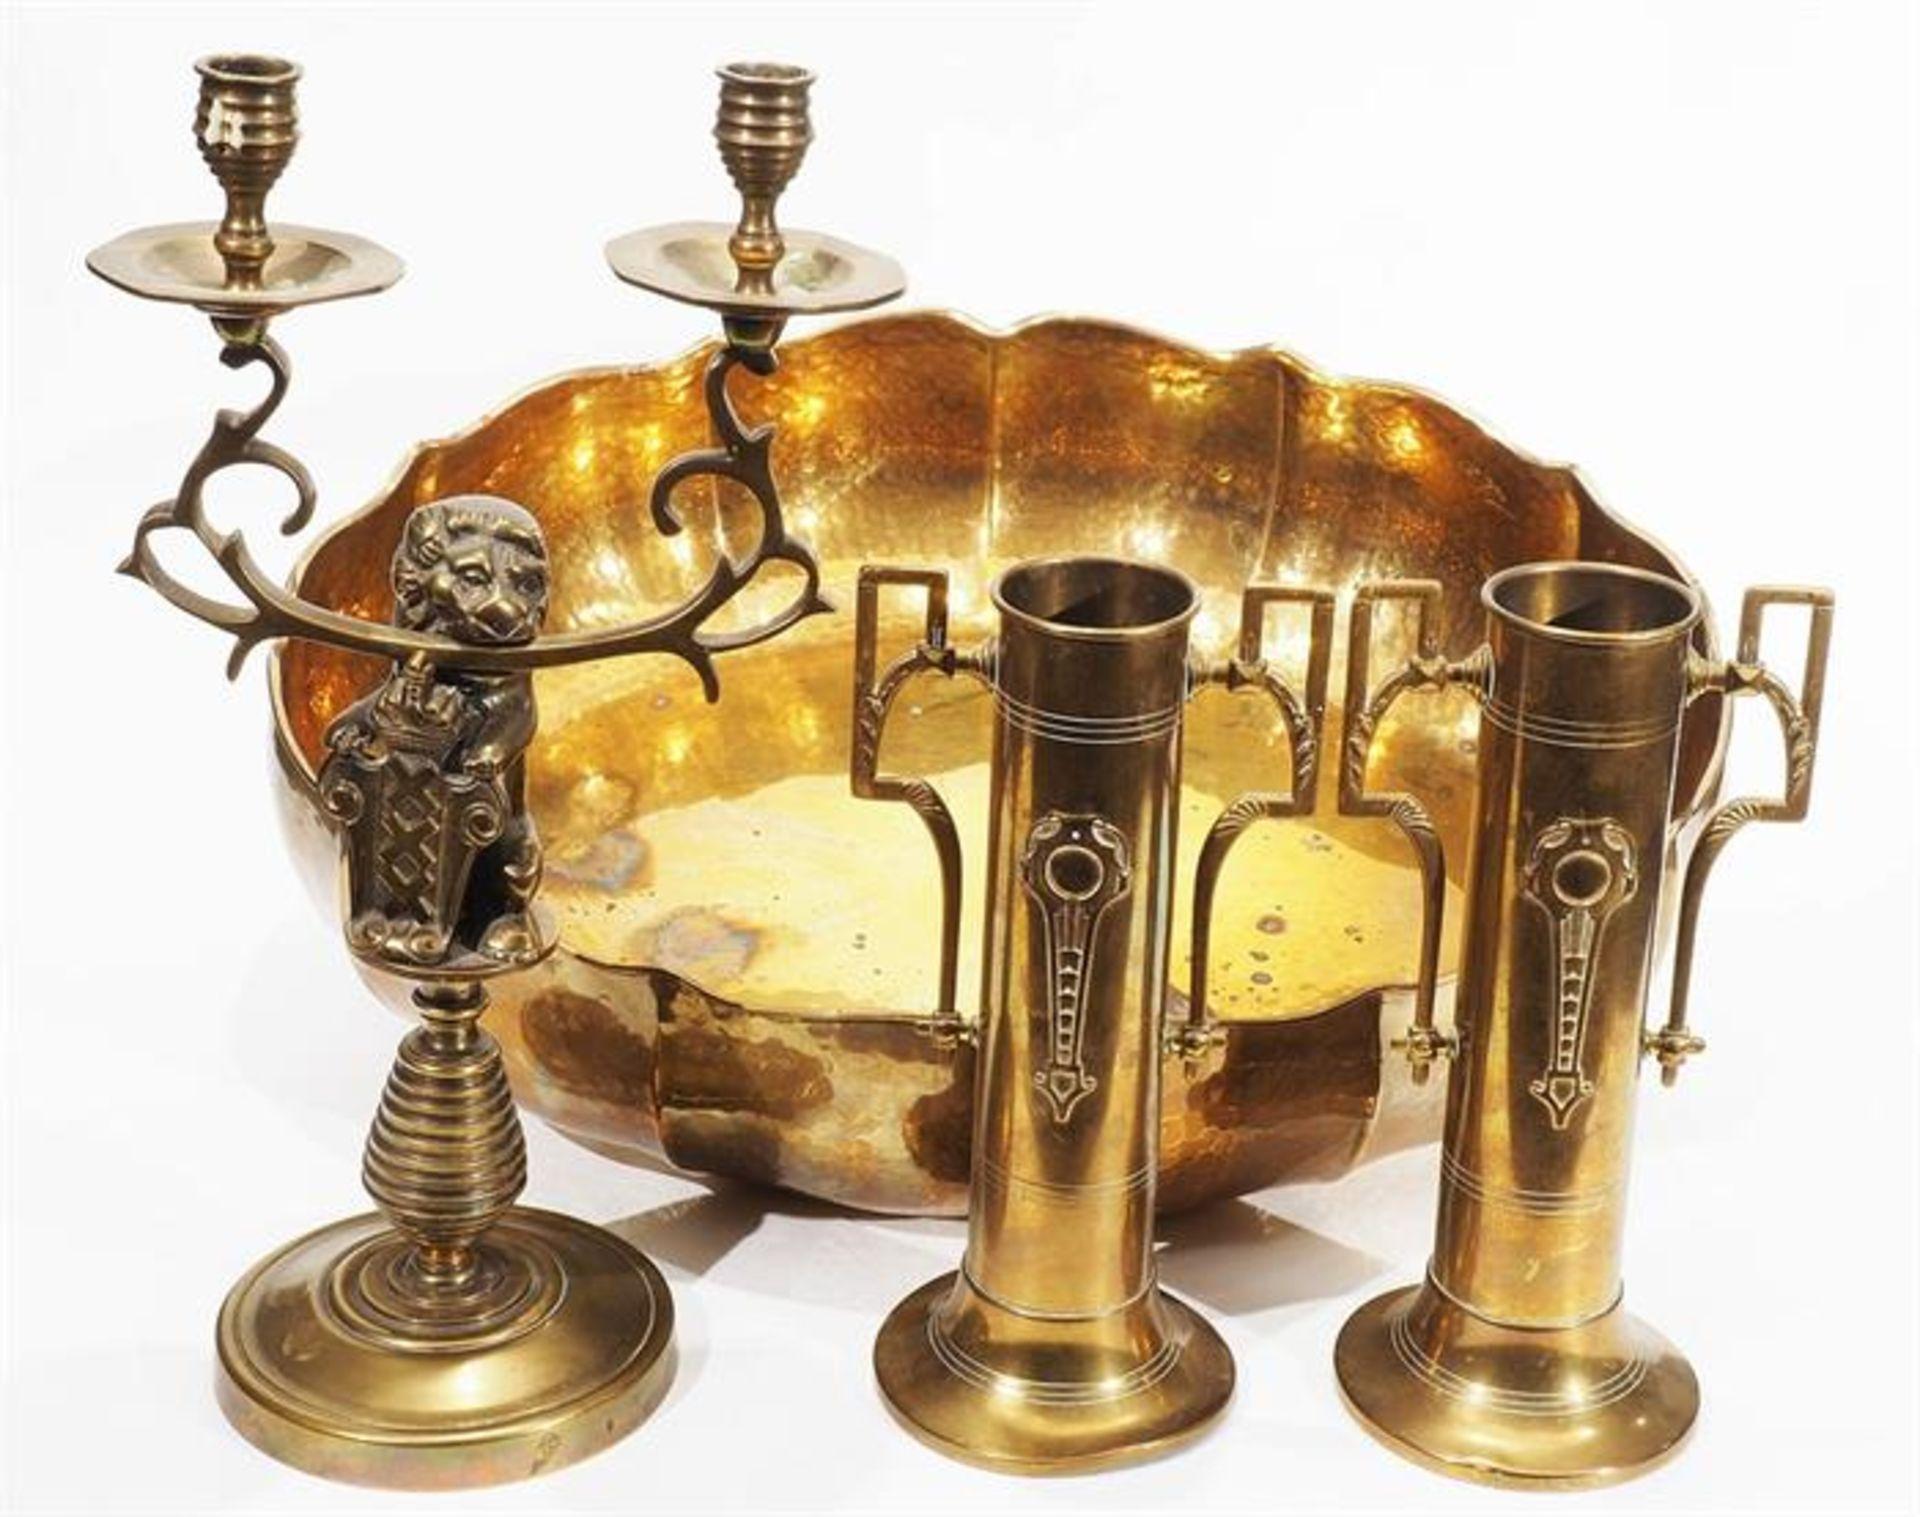 Vierteiliges Messing-Konvolut: Kerzenleuchter, Paar Vasen, oval/runde Schale. 20. Jahrhundert.